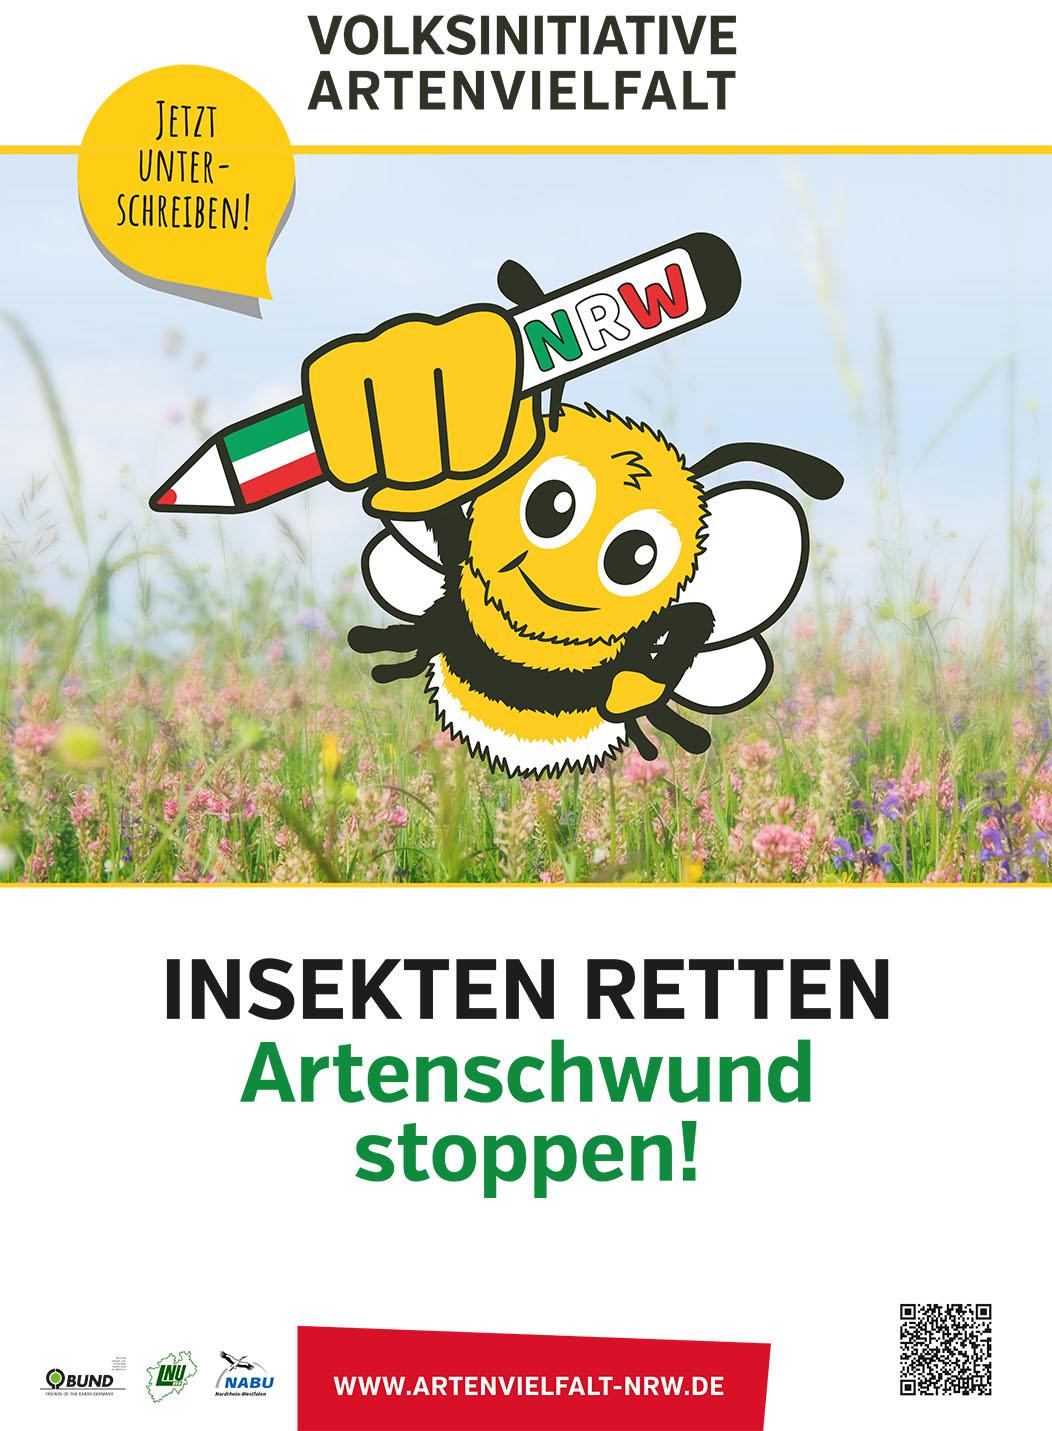 Unterschriftenaktion der Volksinitiative Artenvielfalt